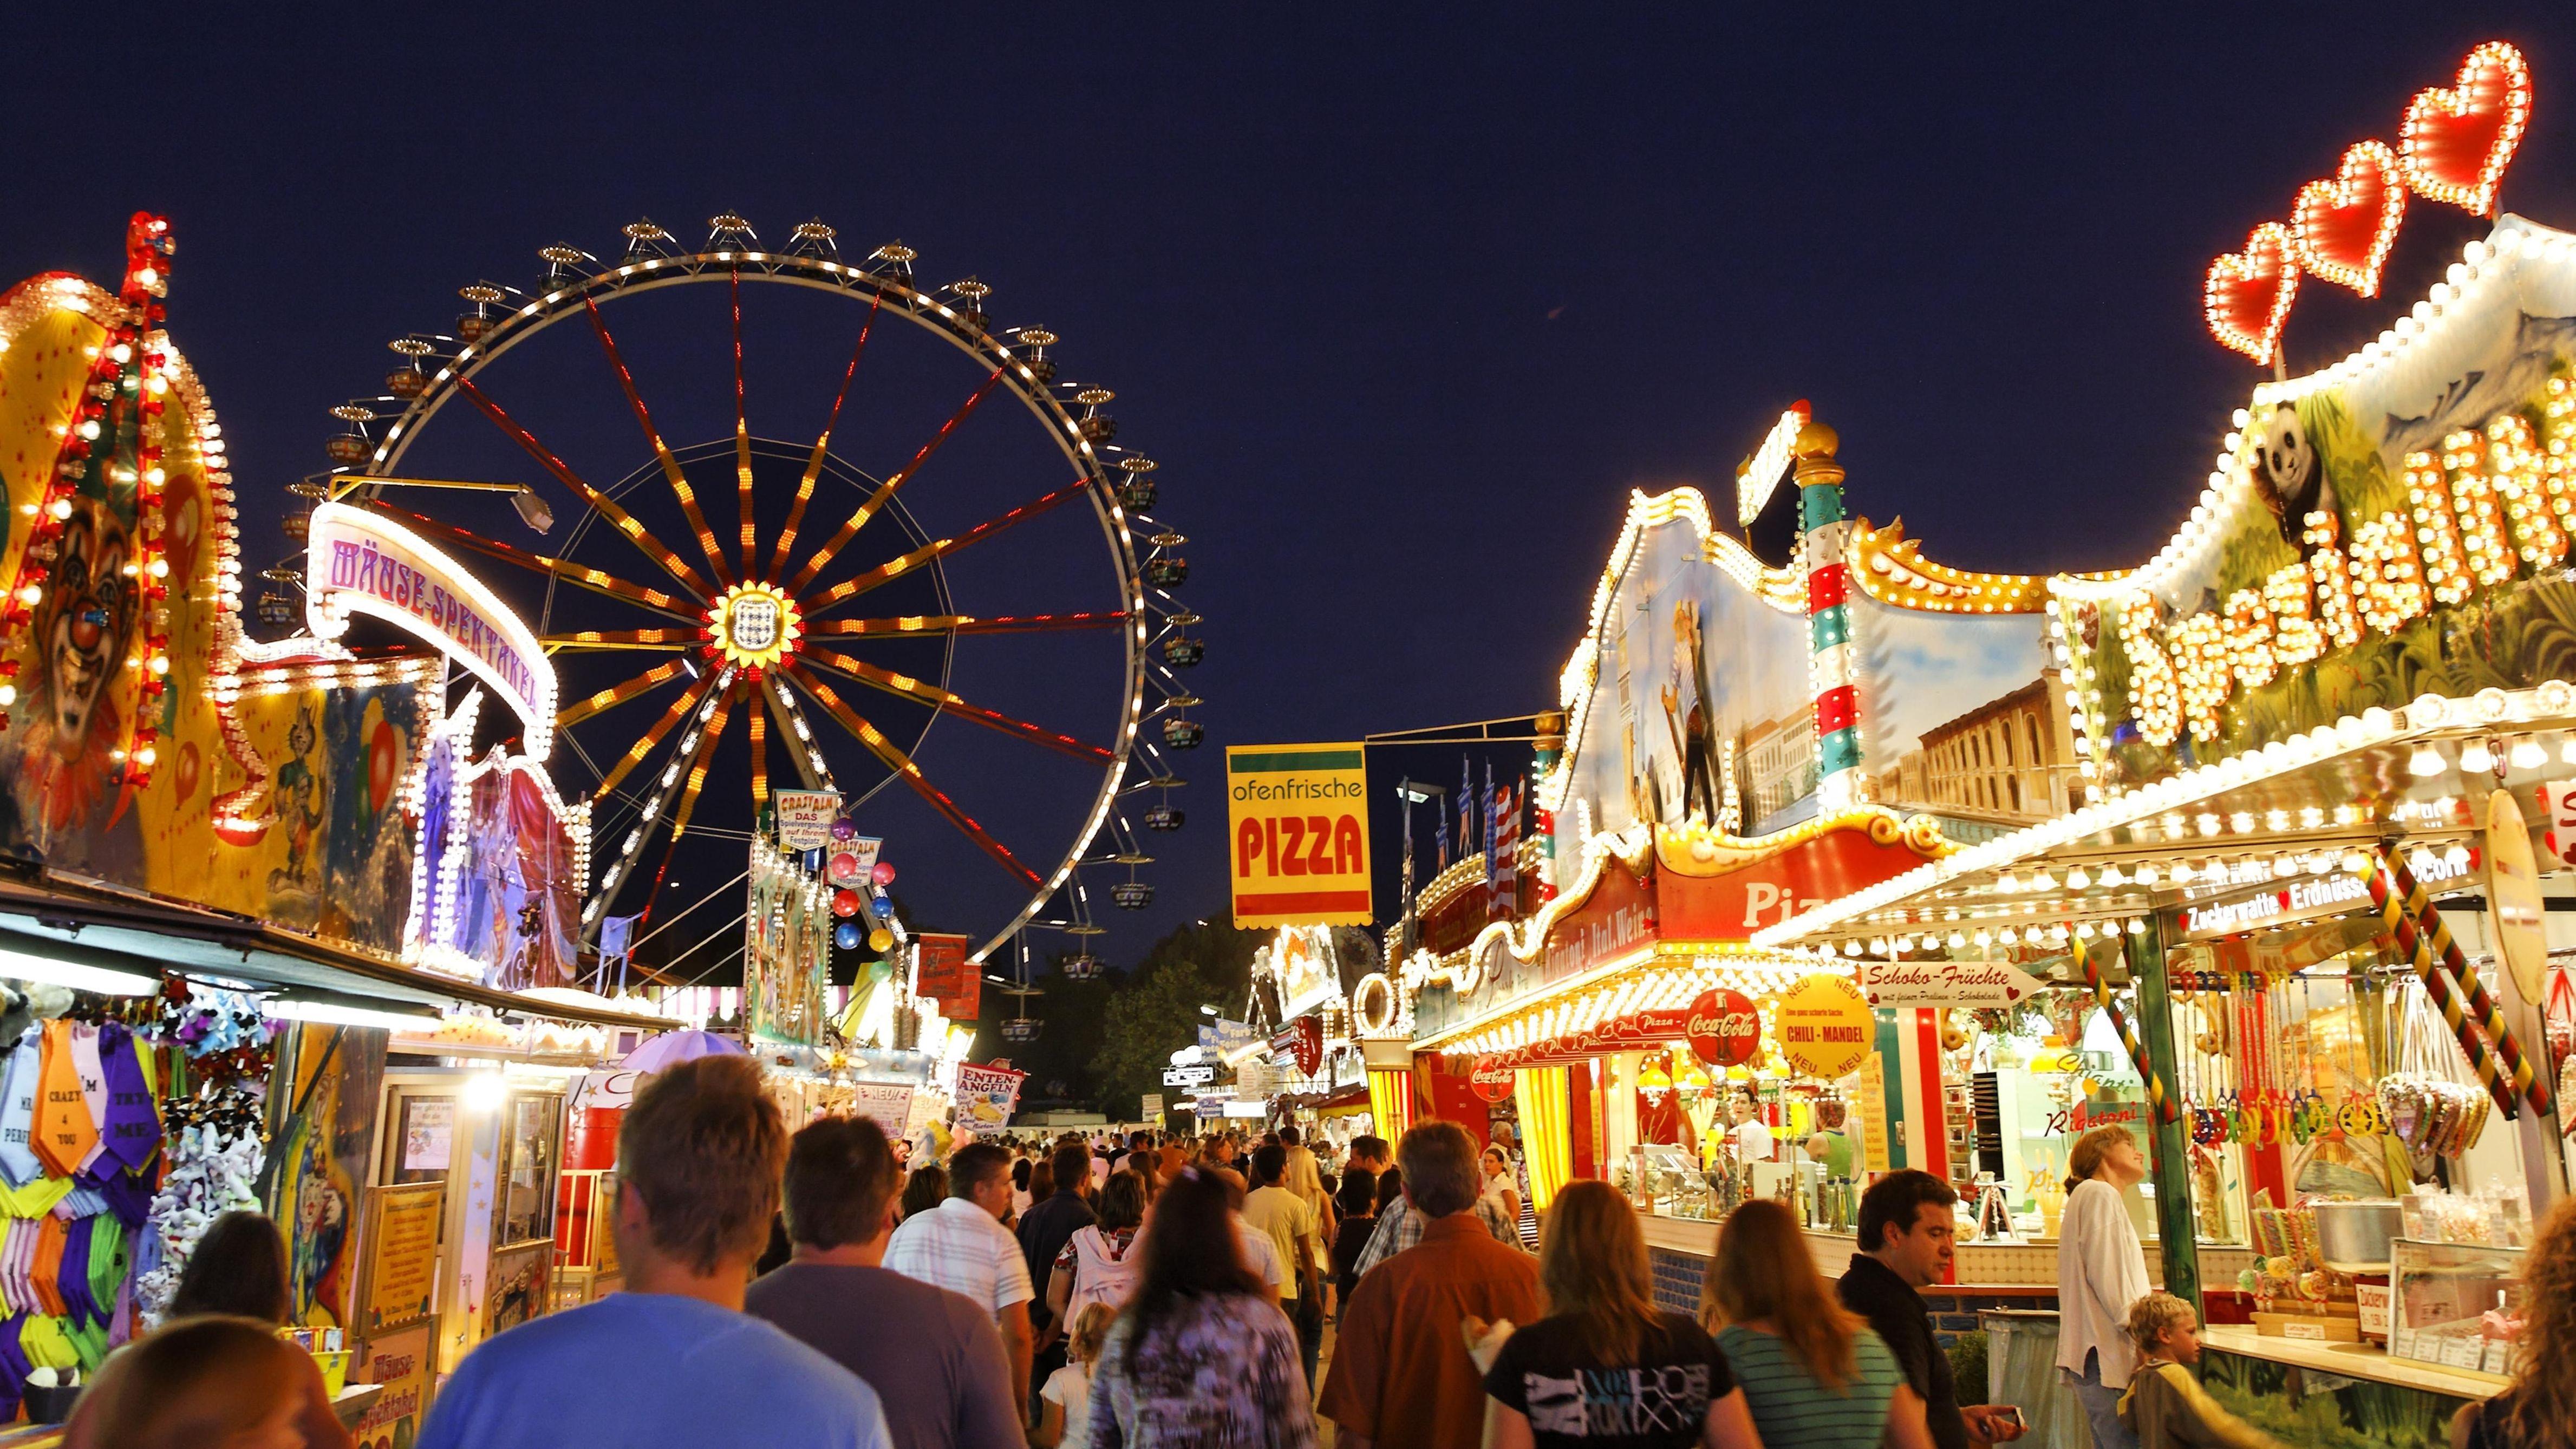 Letztes Jahr kamen mehr als 750.000 Besucher zu dem Volksfest auf dem Regensburger Dultplatz.